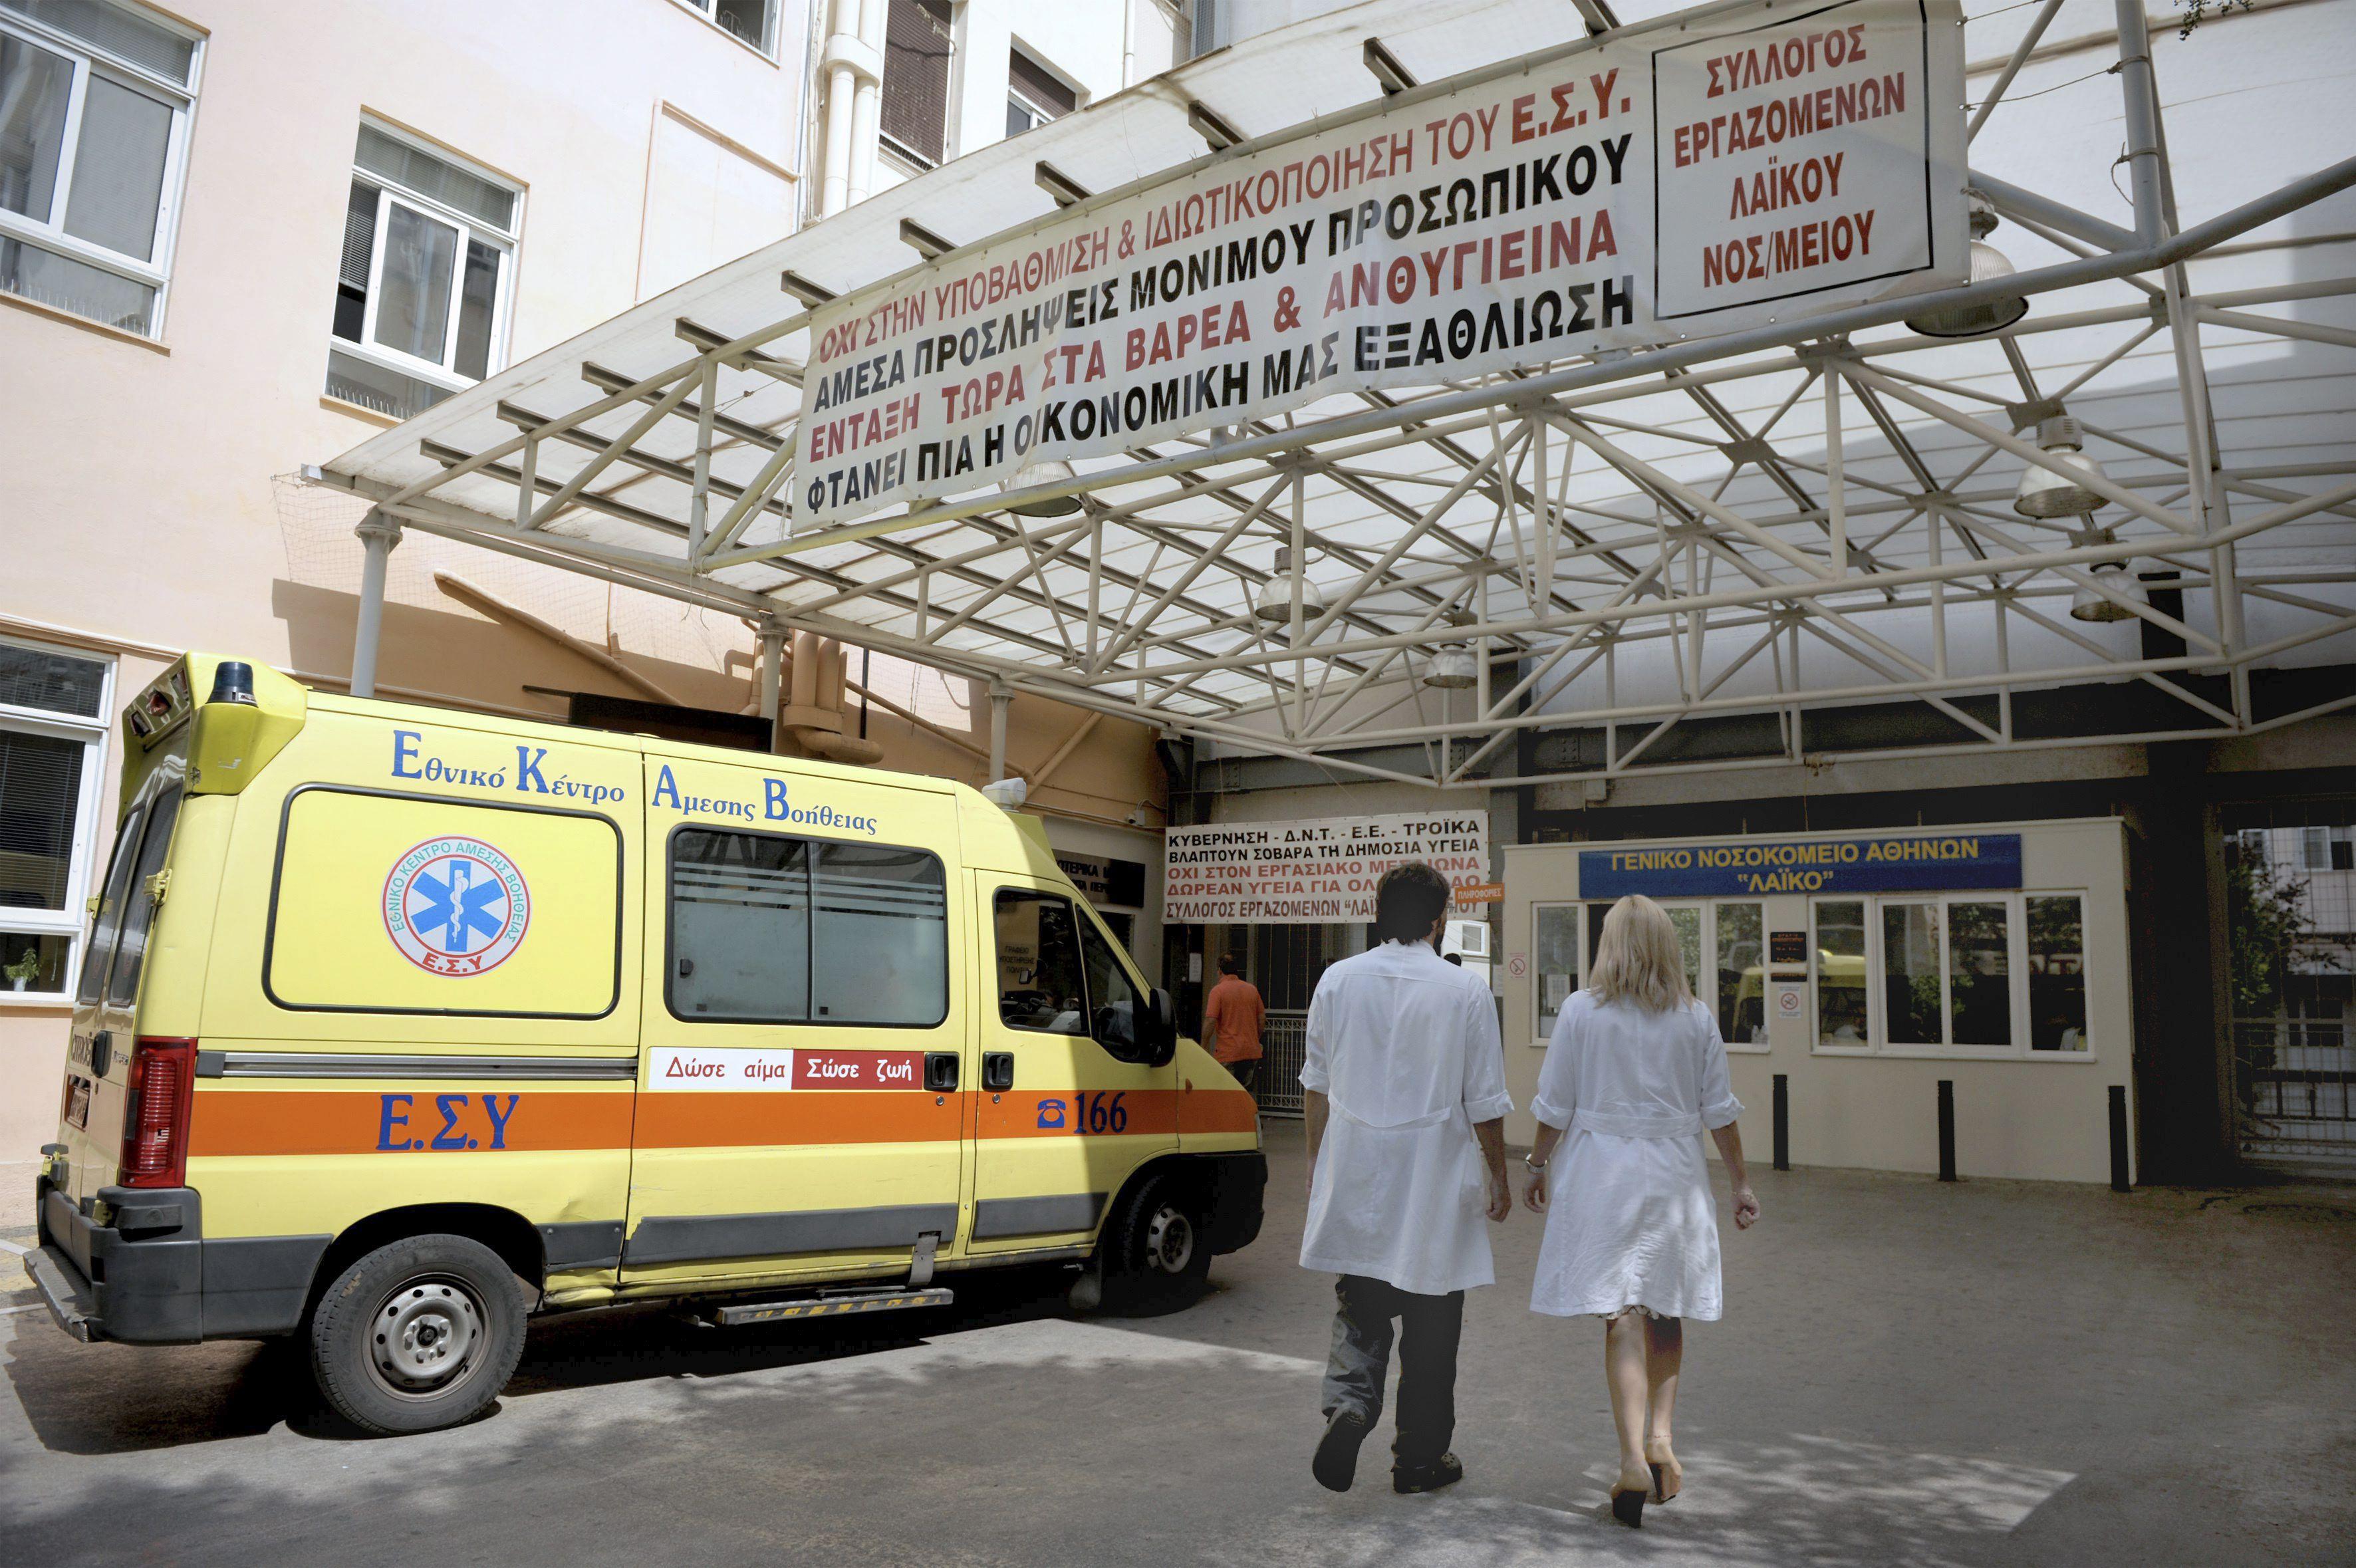 El ministro griego de Sanidad atacado por trabajadores de un hospital que cerrará